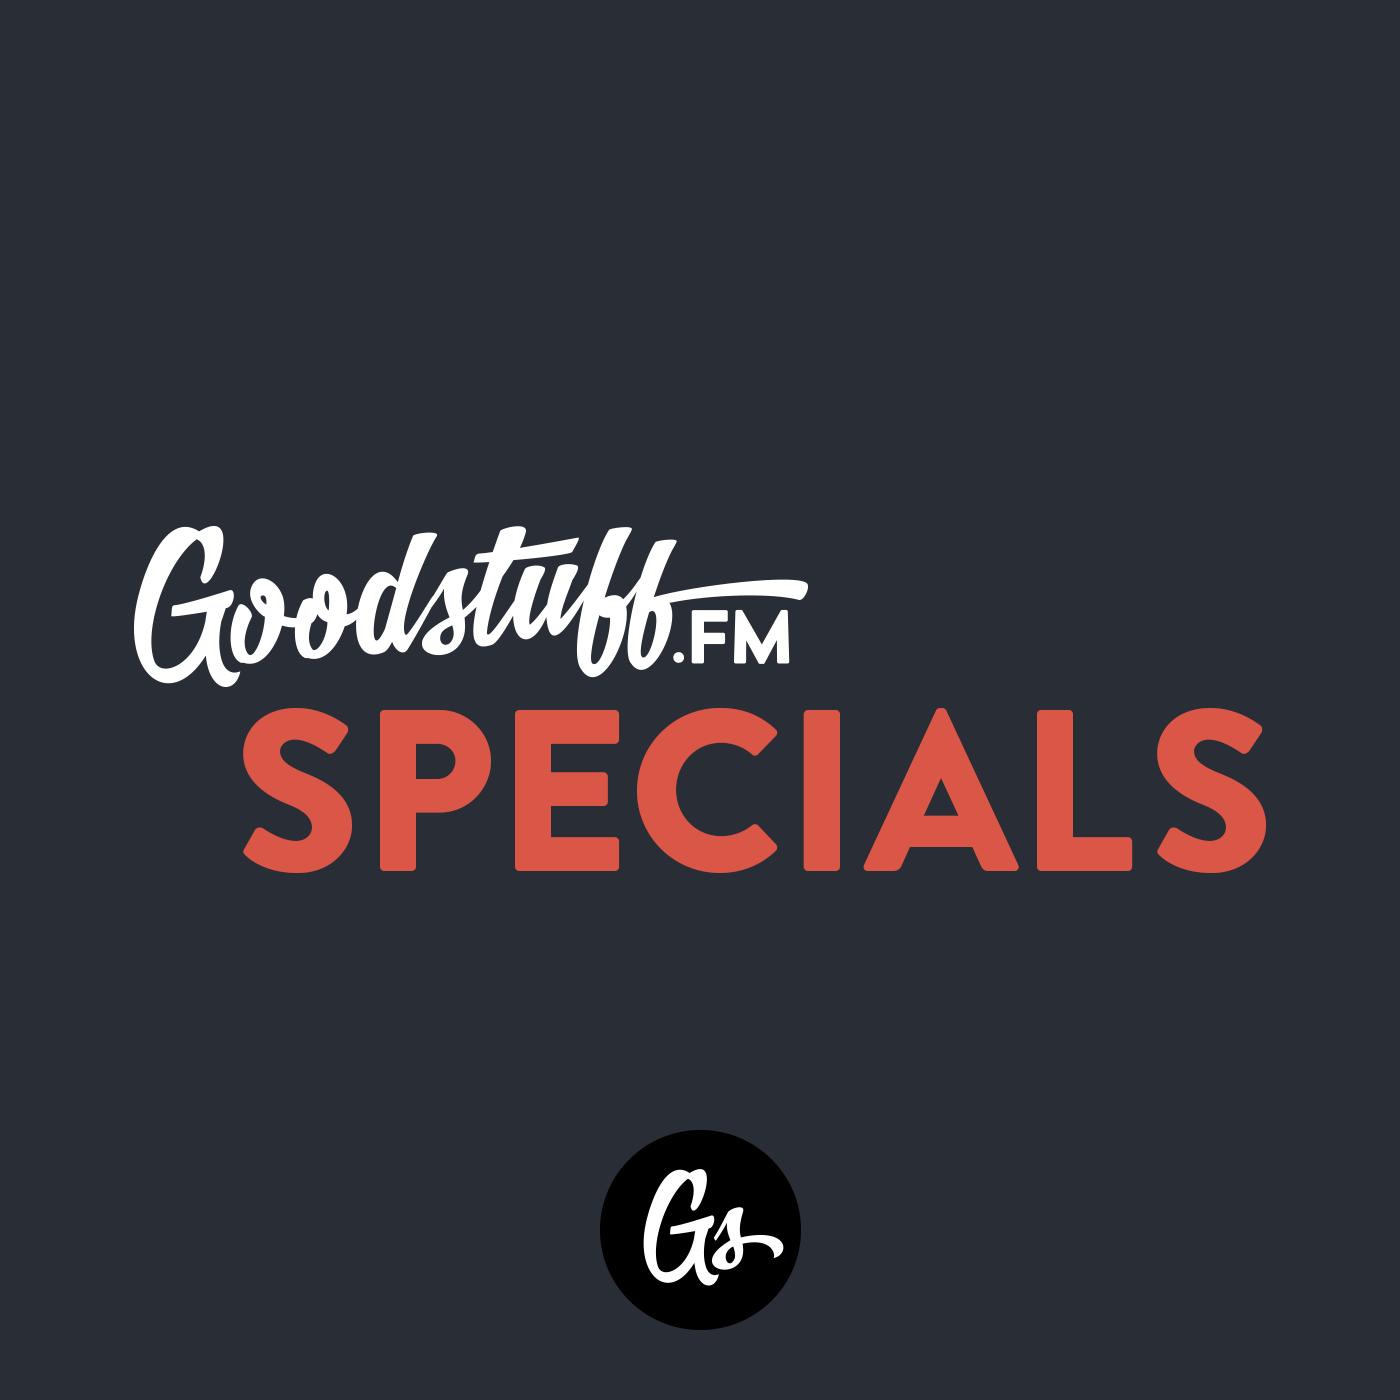 Goodstuff Specials